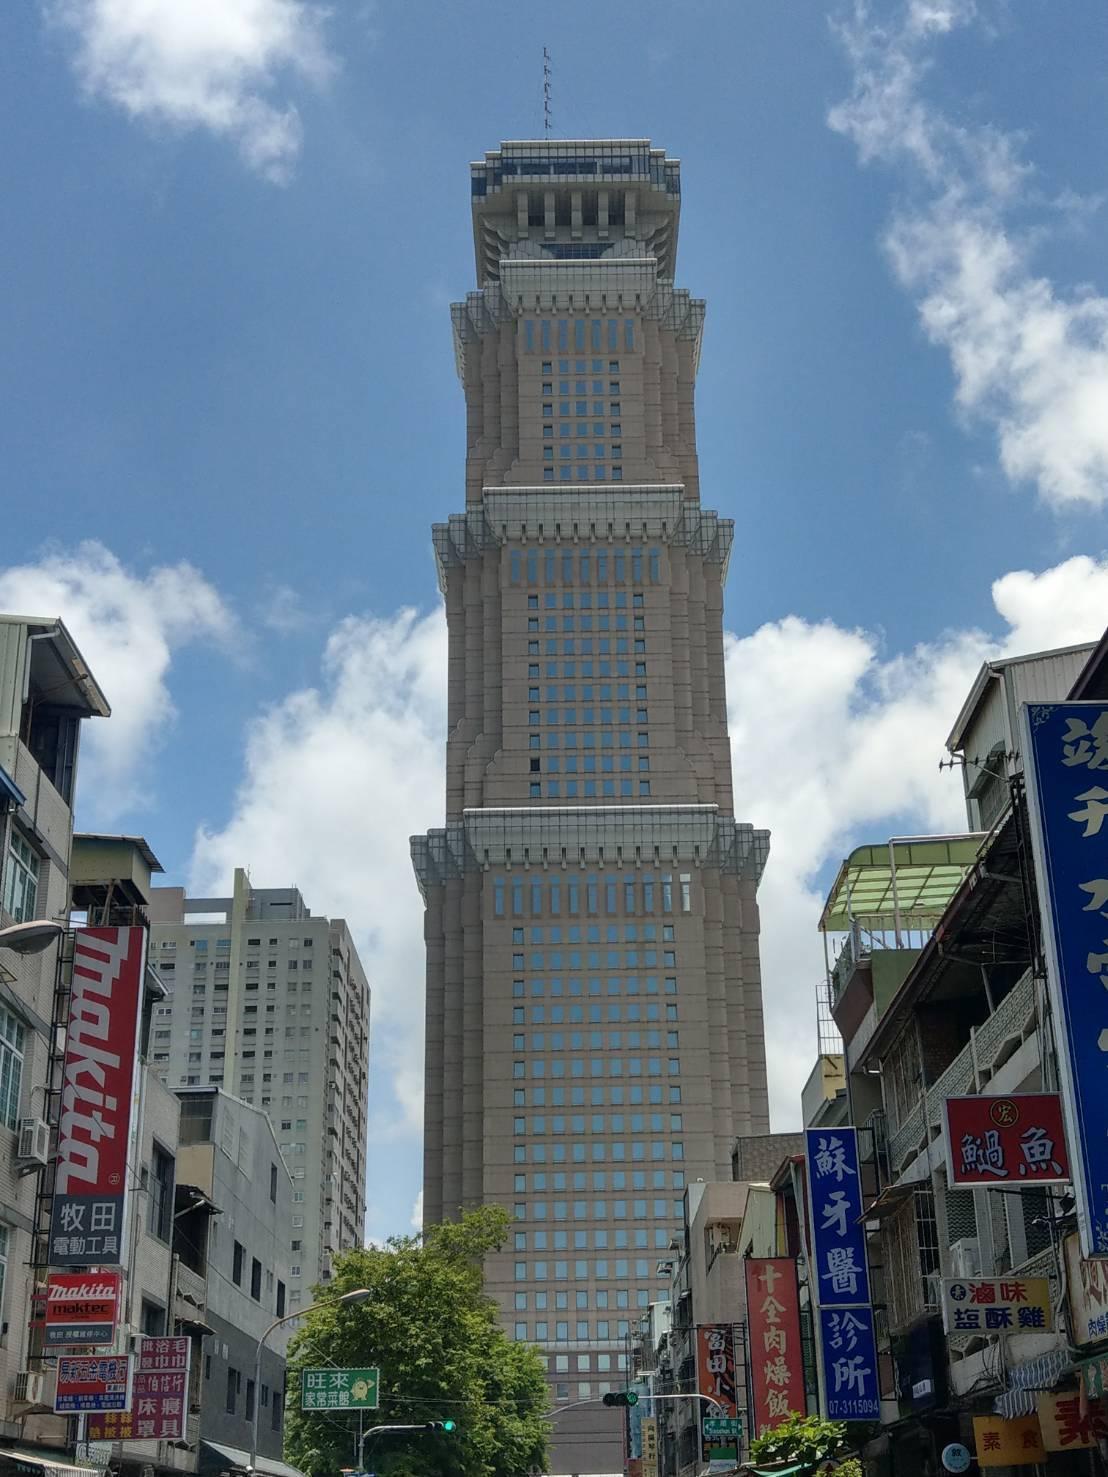 高雄市超高大樓不多見,目前僅有兩棟50樓以上的超高大樓,長谷 世貿聯合國50樓位...